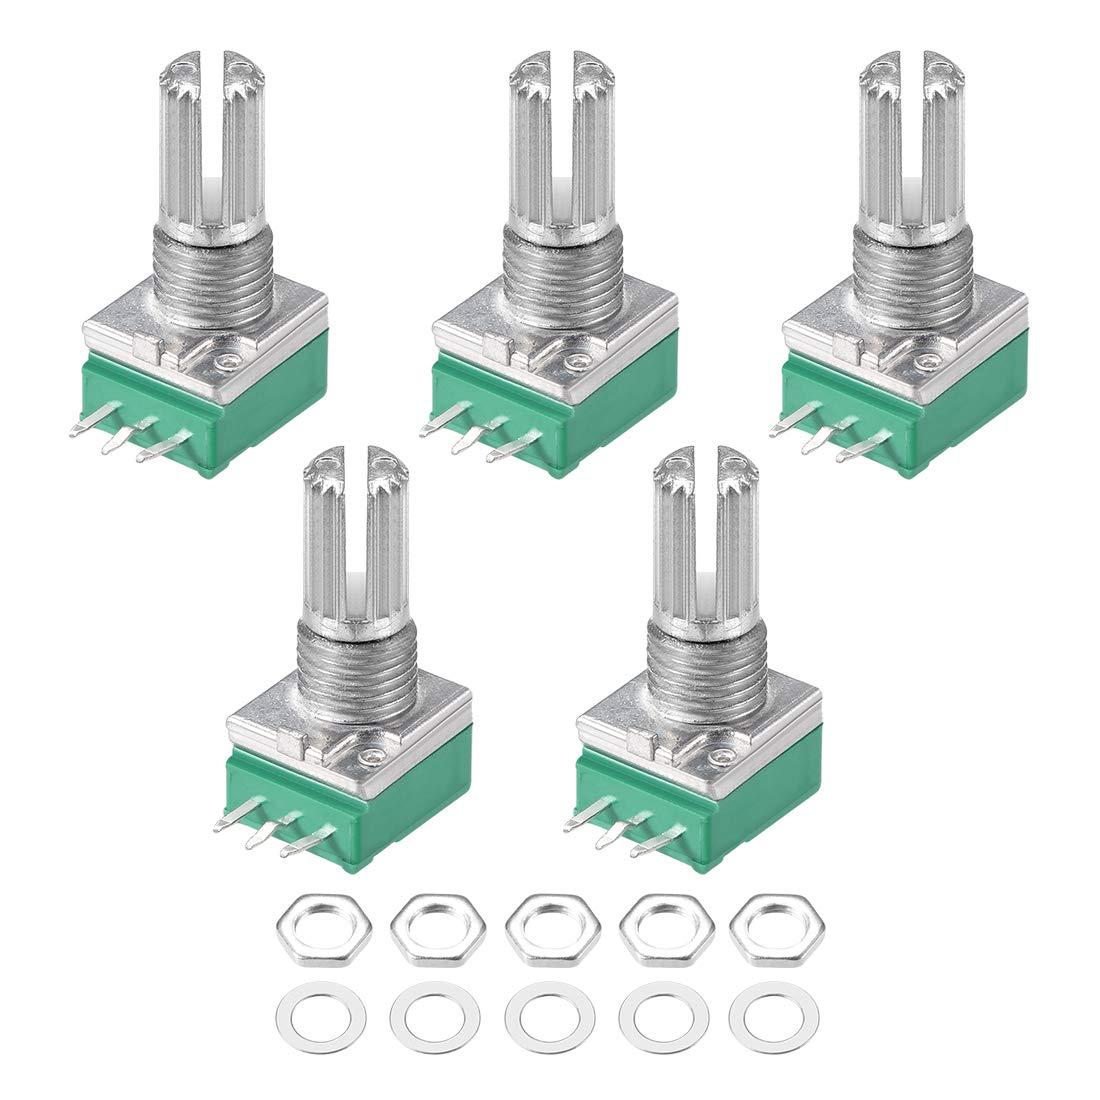 Потенциометр RV097NS B5K B10K B20K B50K B100K B500K, 5 шт./лот, 3-контактный вал потенциометра с переключателем